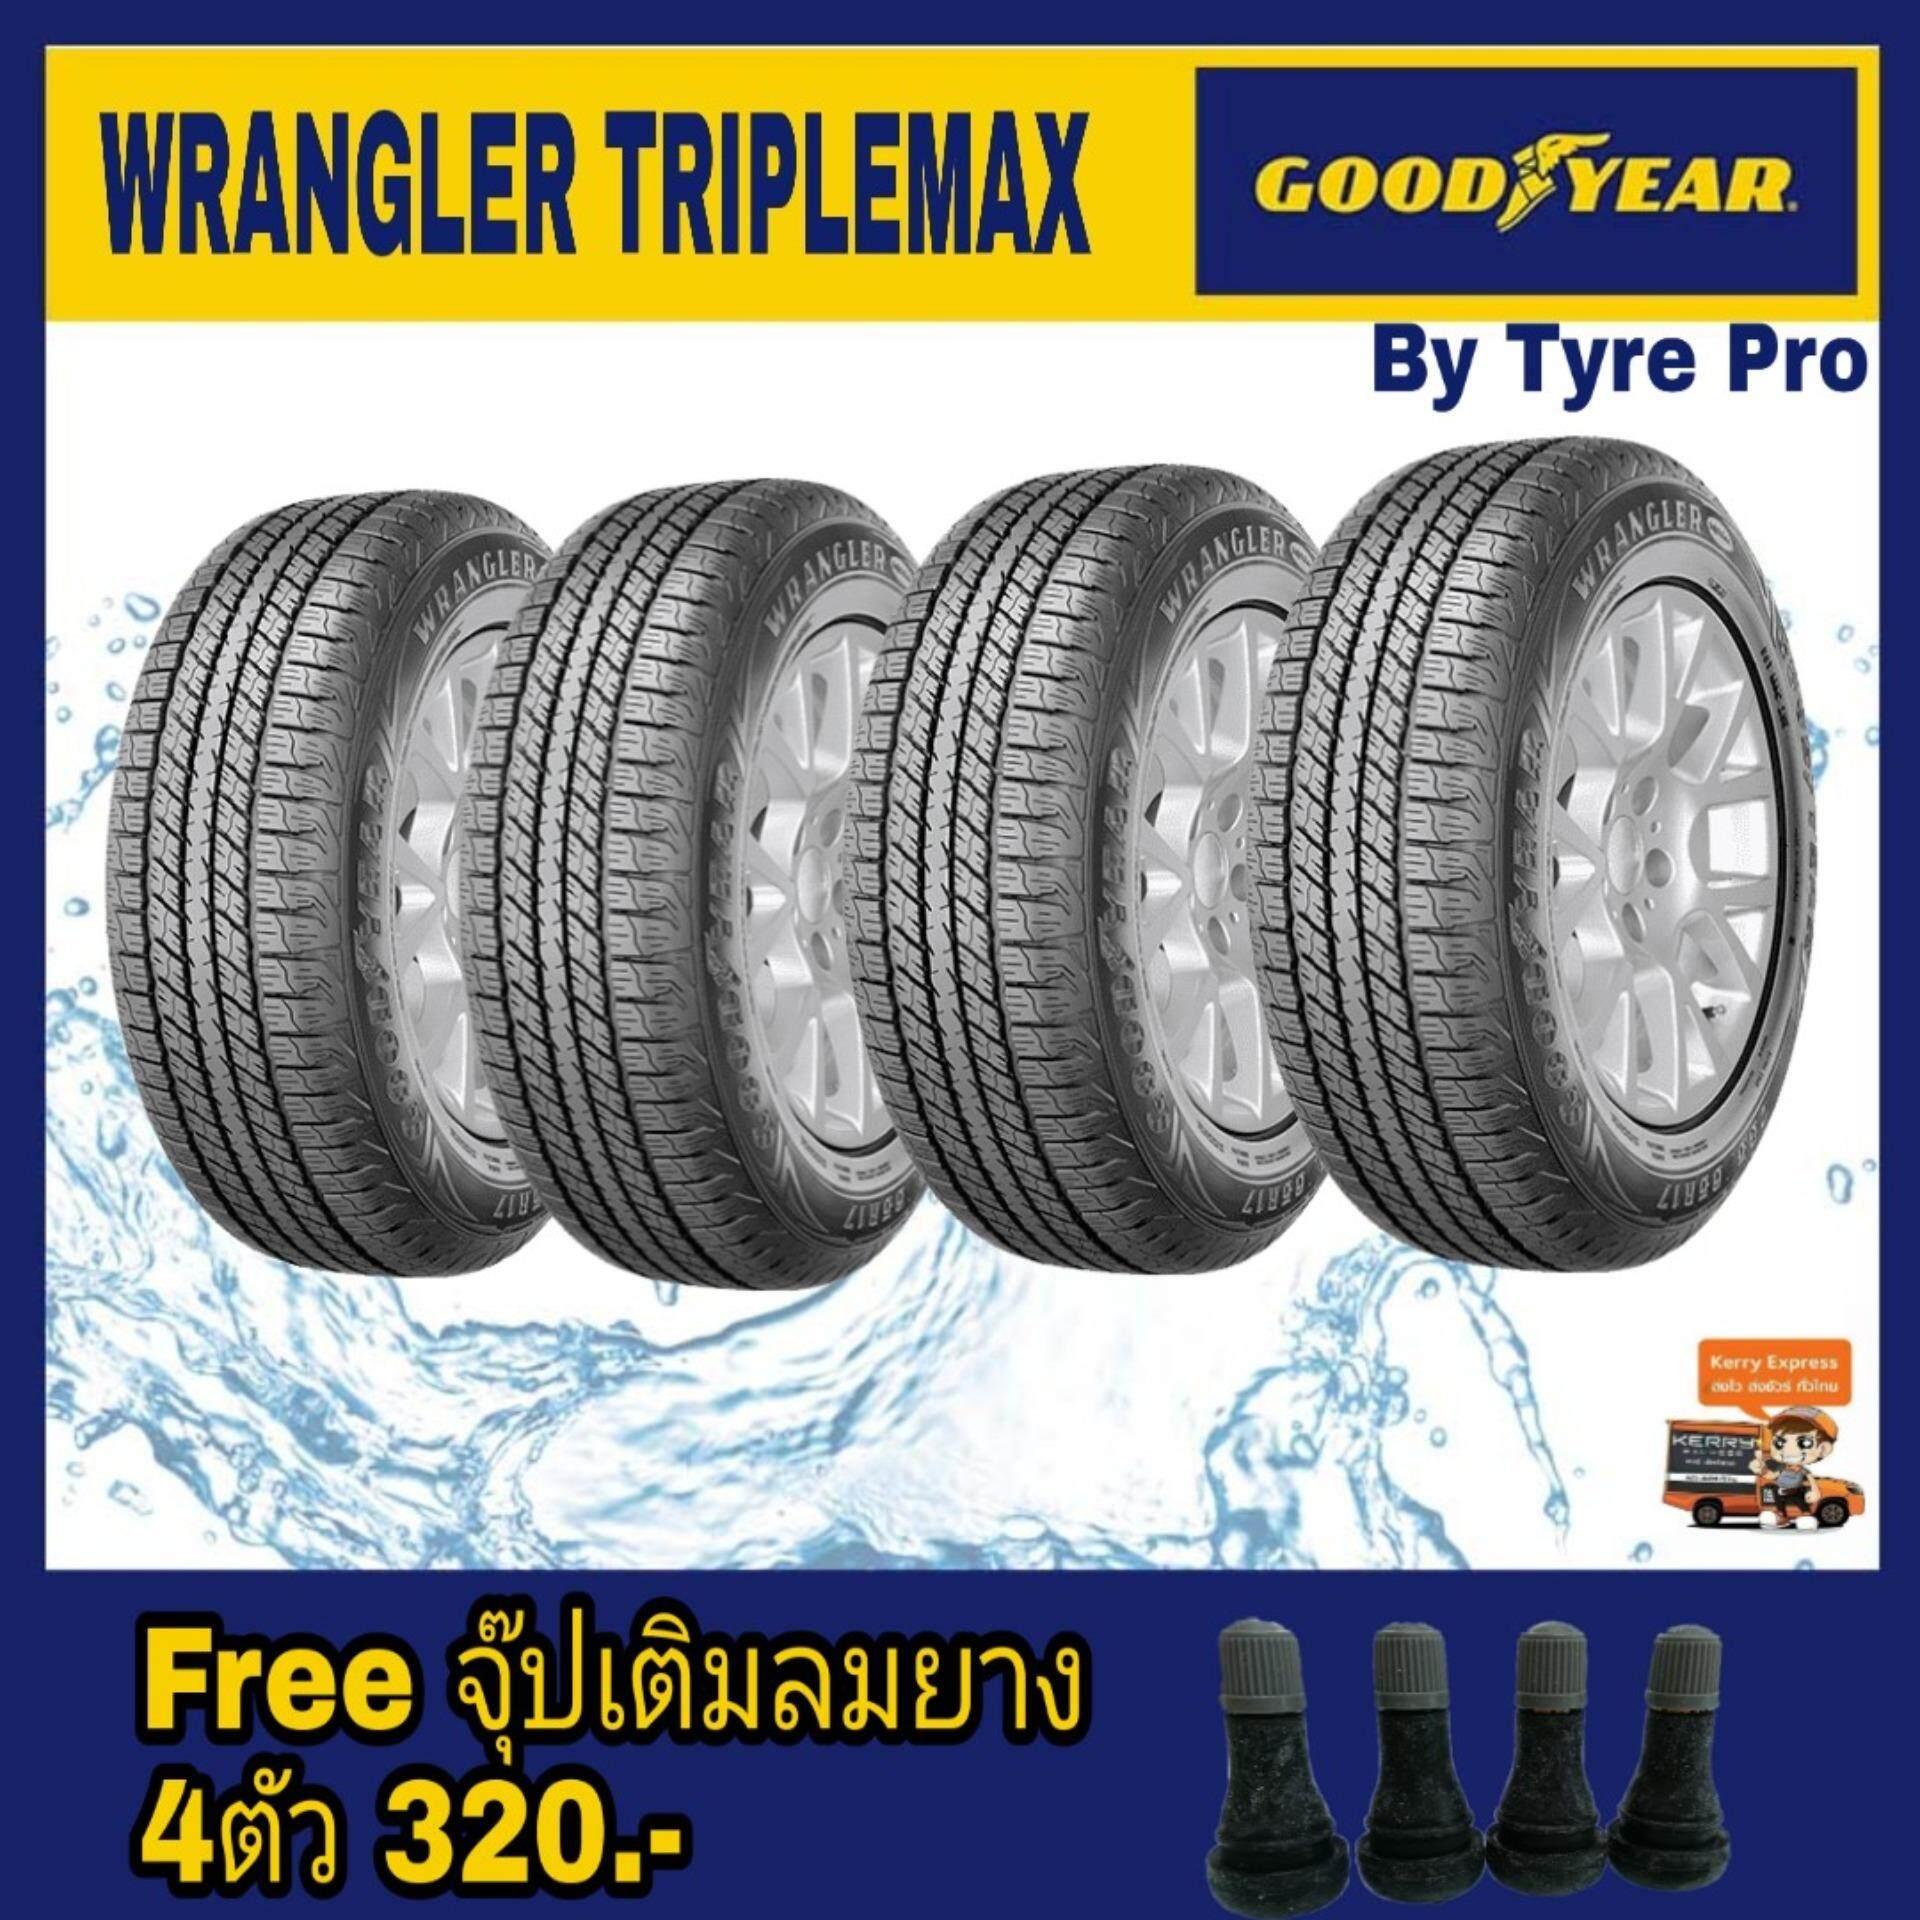 ประกันภัย รถยนต์ 3 พลัส ราคา ถูก อำนาจเจริญ Goodyear ยางรถยนต์ขอบ17  225/60R17 รุ่น Wrangle Triplemax (4 เส้น)